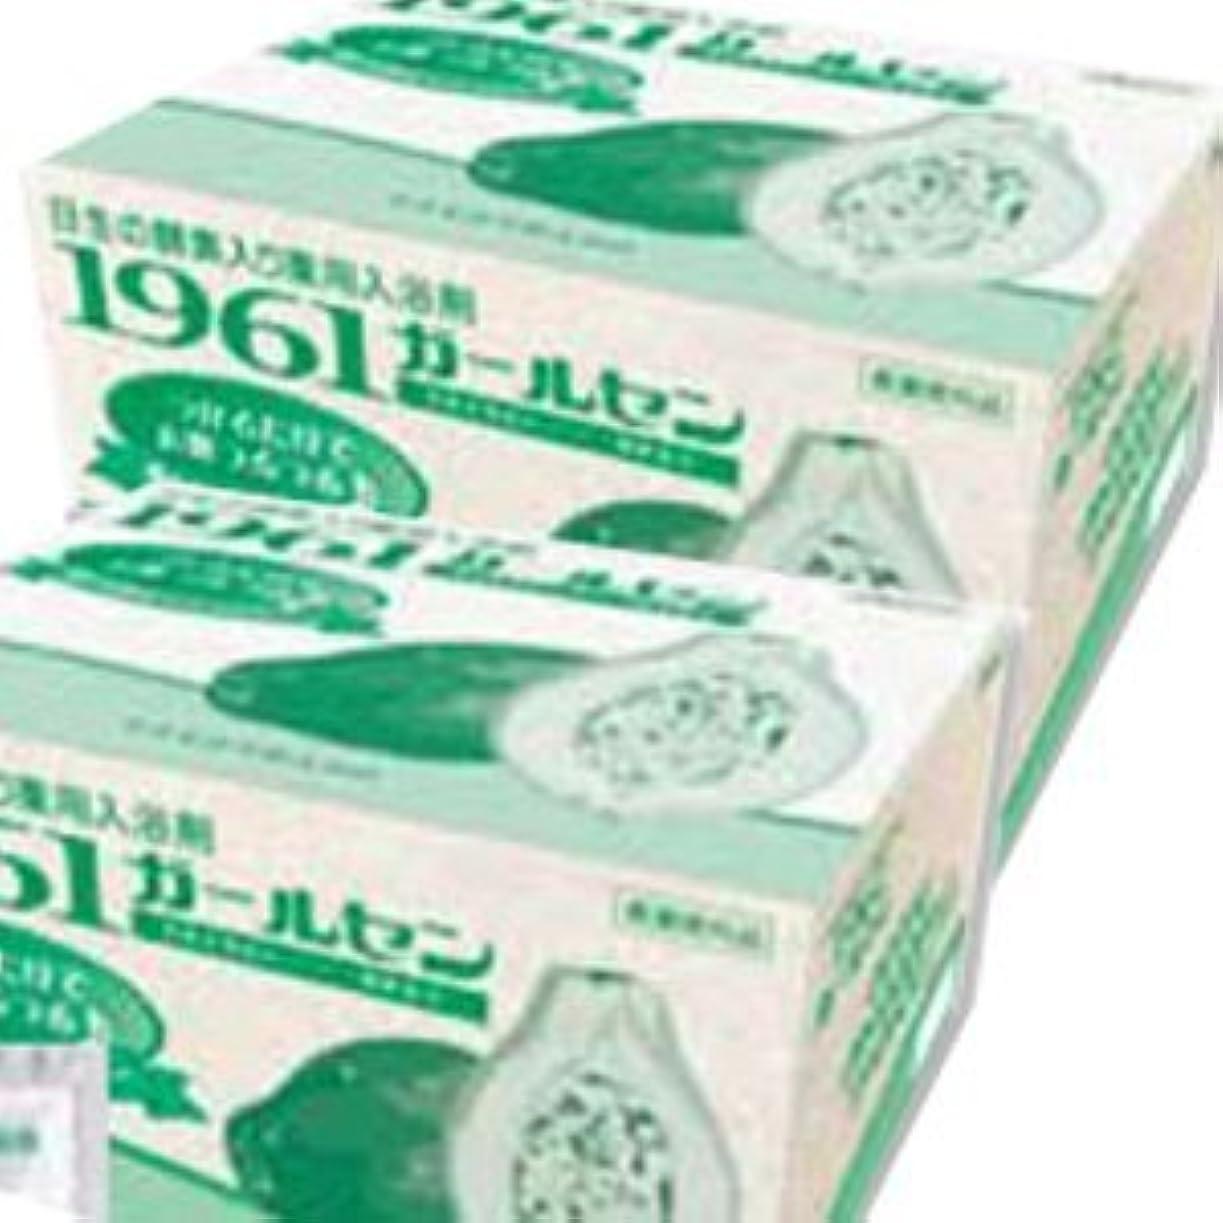 コンチネンタル問い合わせる矩形日本生化学 薬用入浴剤 1961ガールセン (20g×60包)×2箱 (医薬部外品)